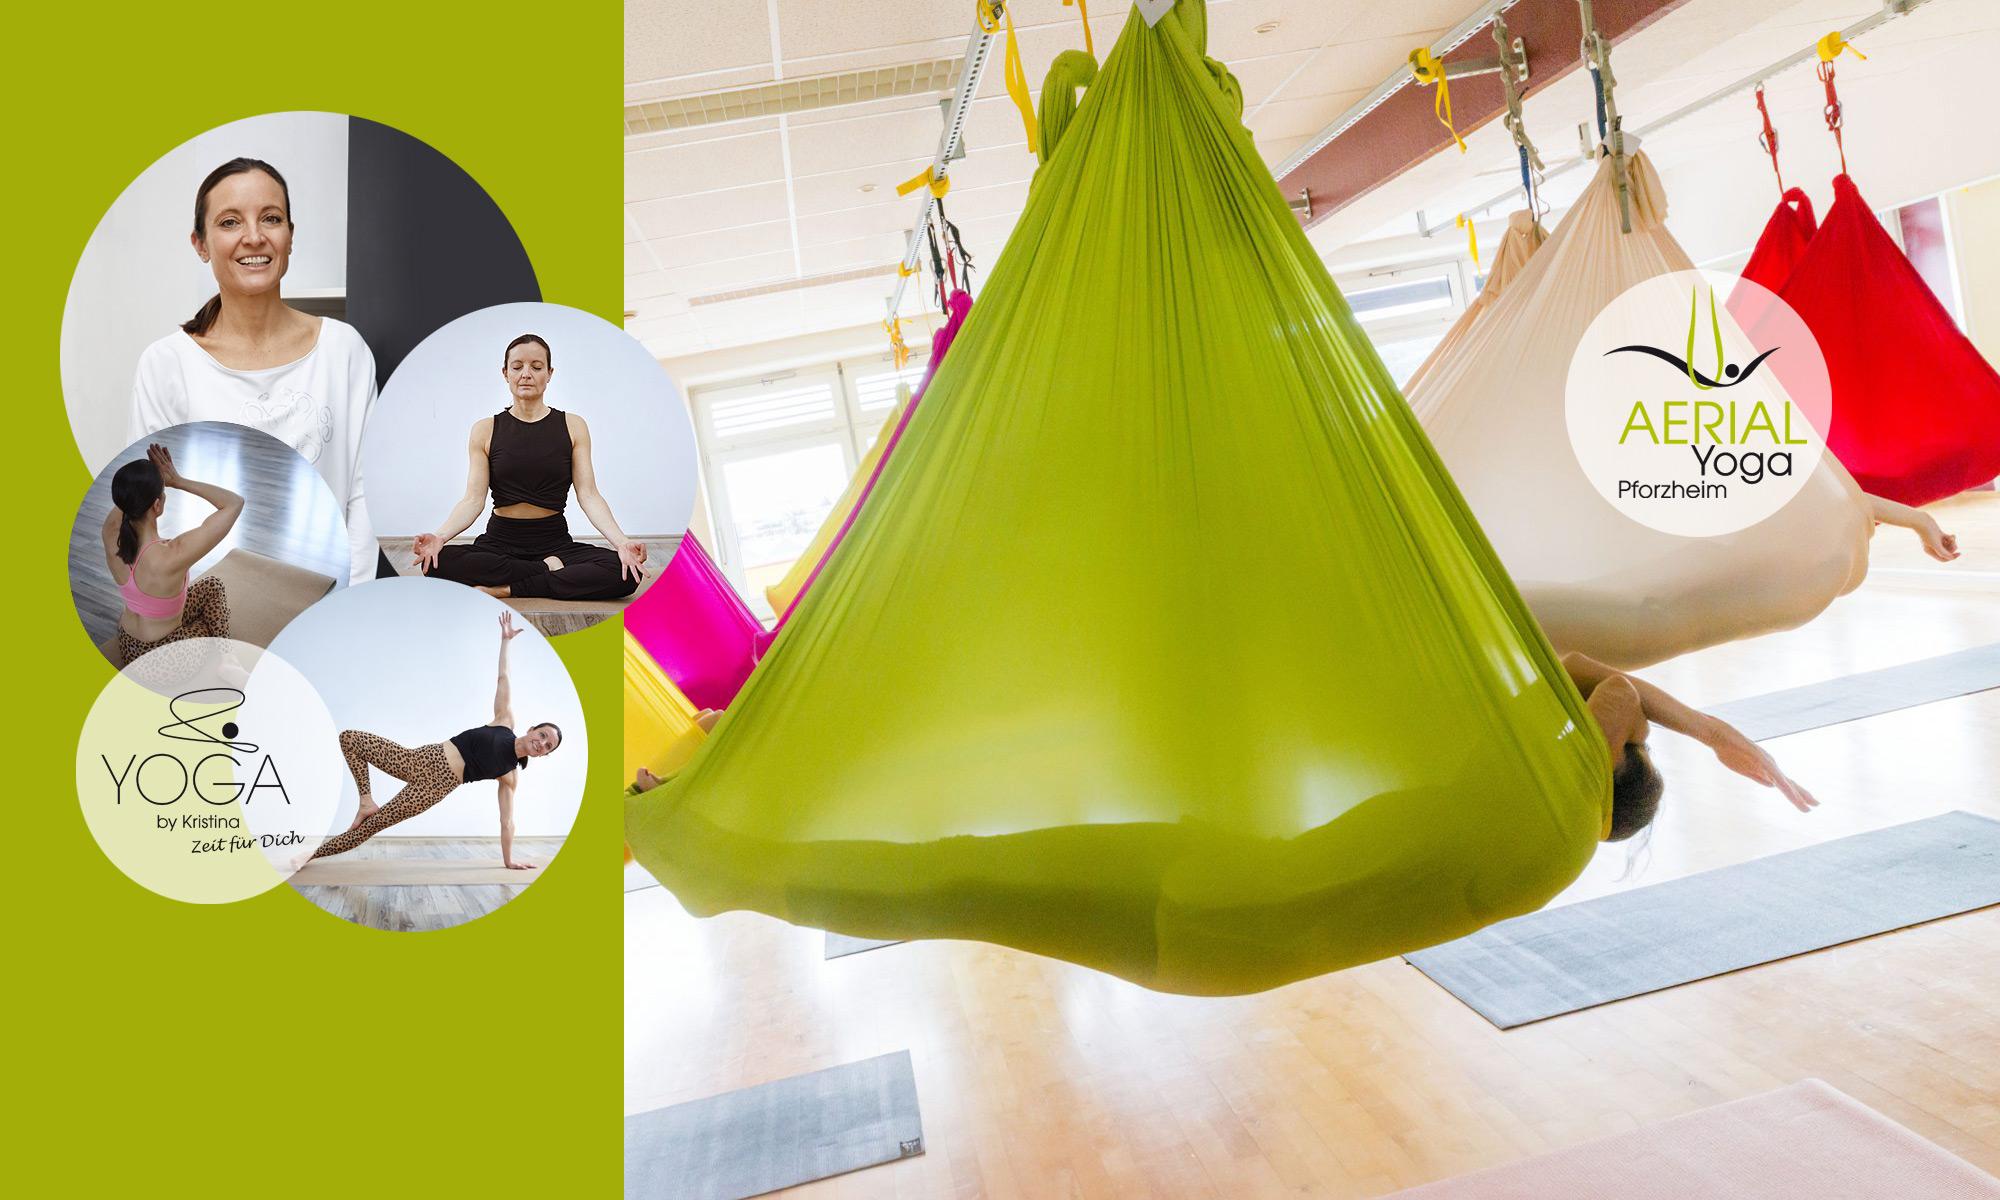 Yoga & Aerial Yoga Pforzheim